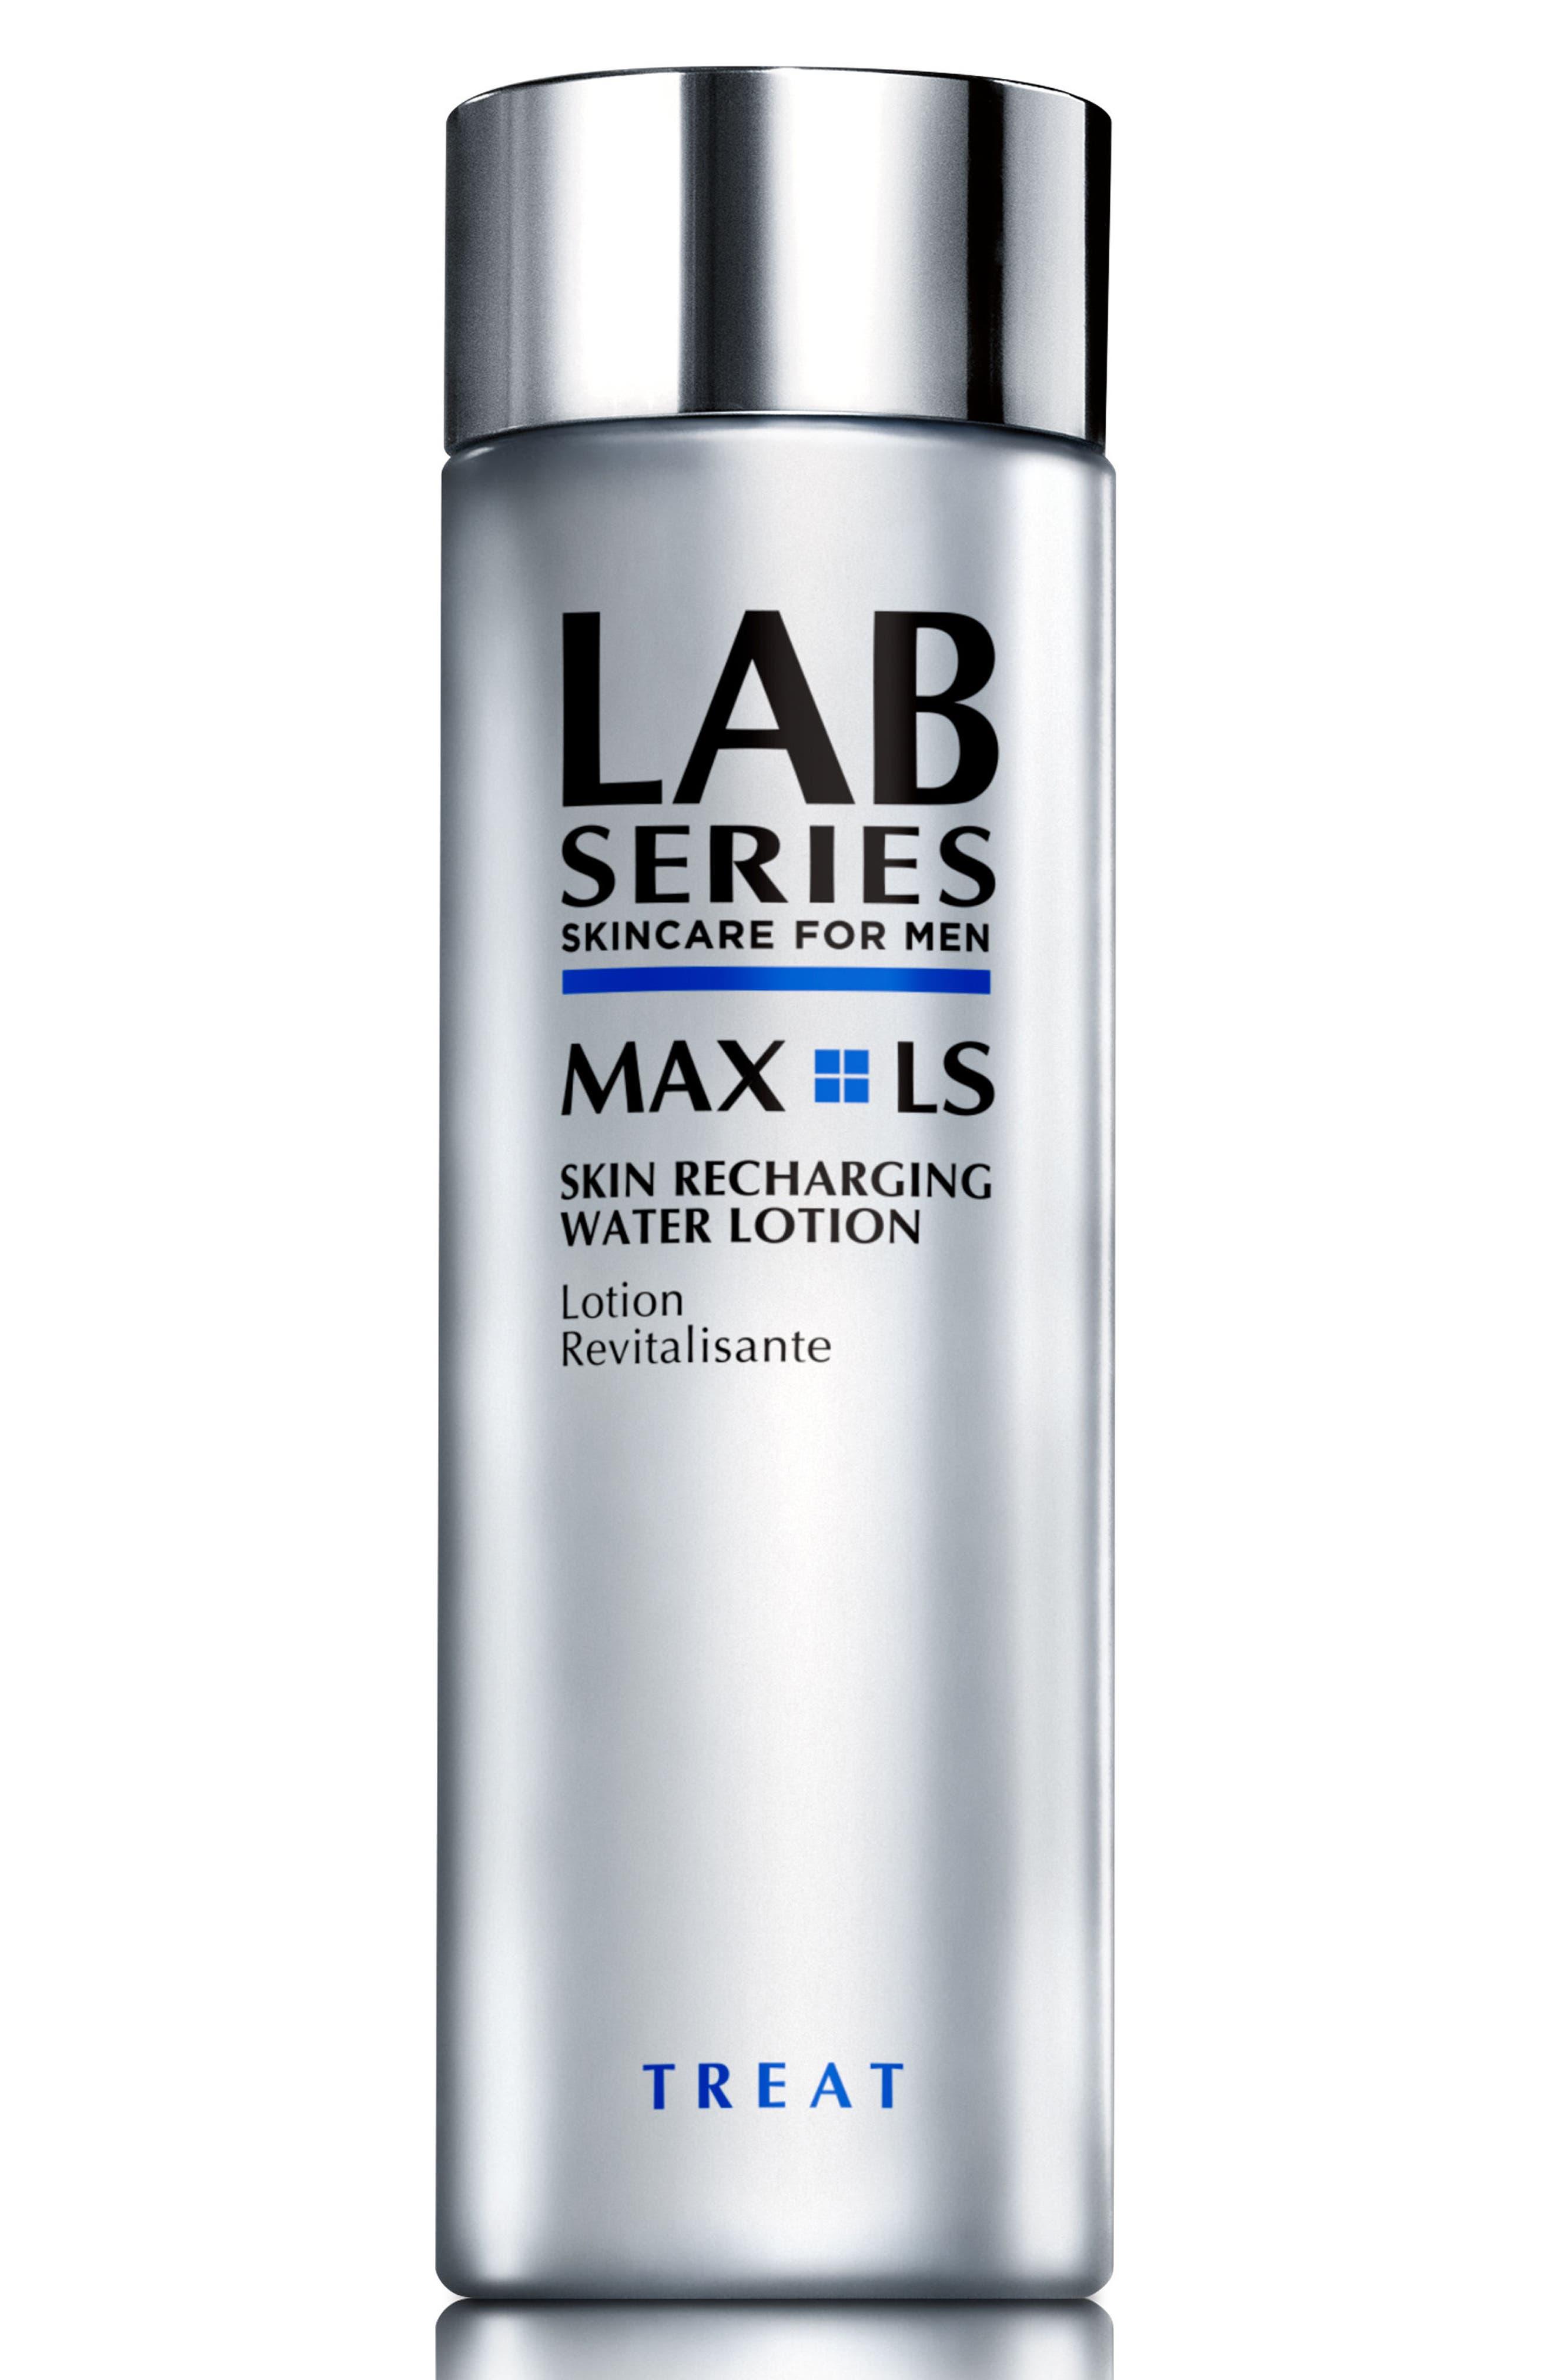 Lab Series Skincare for Men MAX LS Skin Recharging Water Lotion